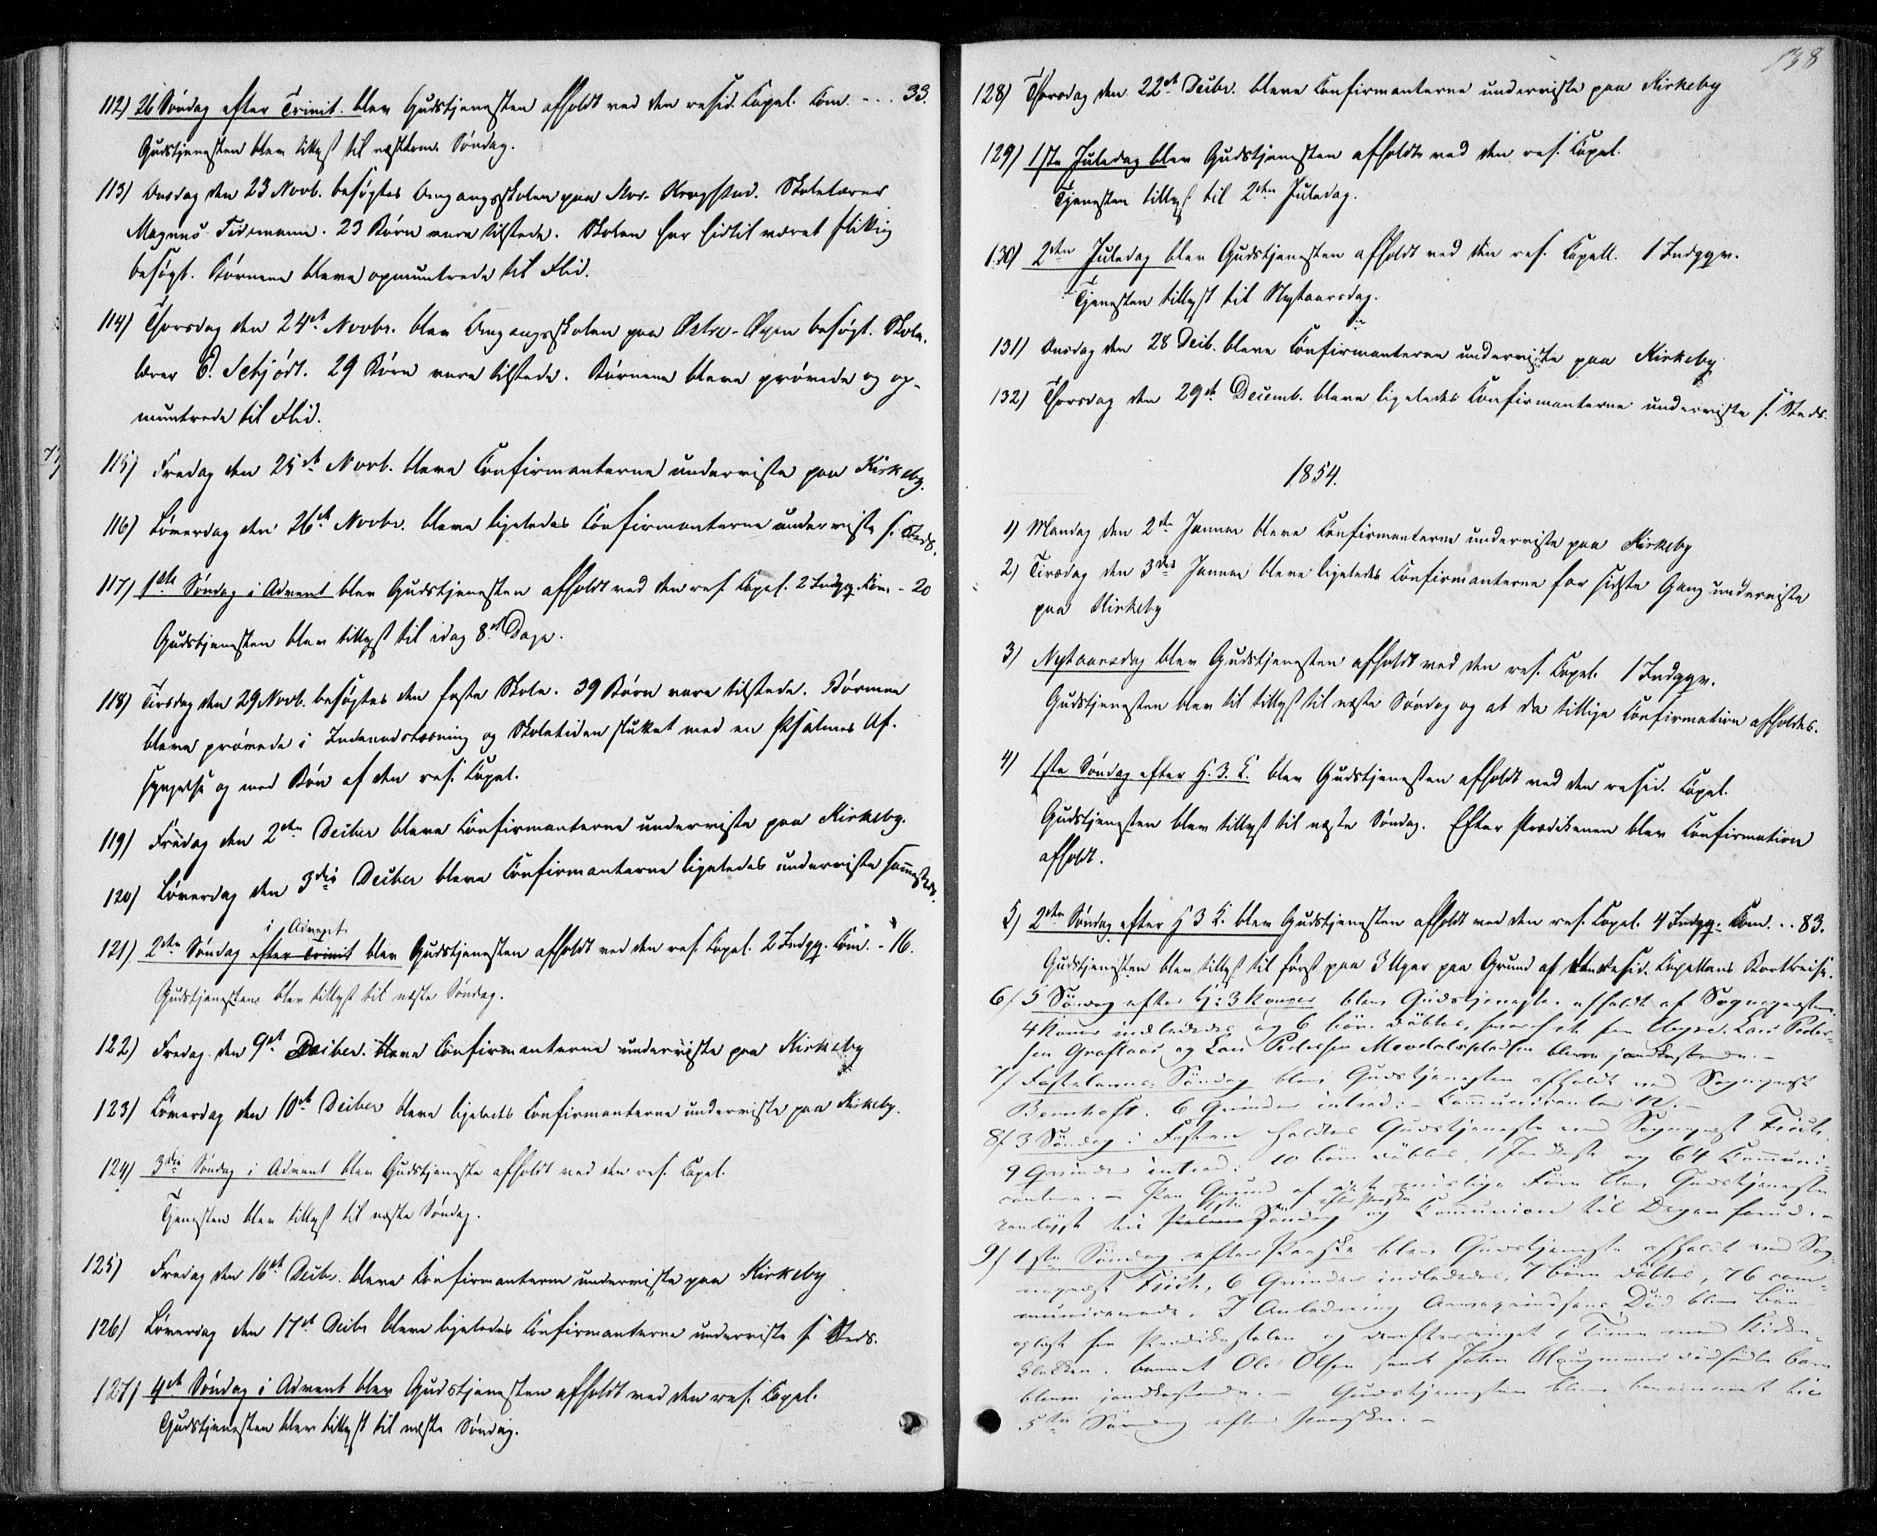 SAT, Ministerialprotokoller, klokkerbøker og fødselsregistre - Nord-Trøndelag, 706/L0040: Parish register (official) no. 706A01, 1850-1861, p. 138